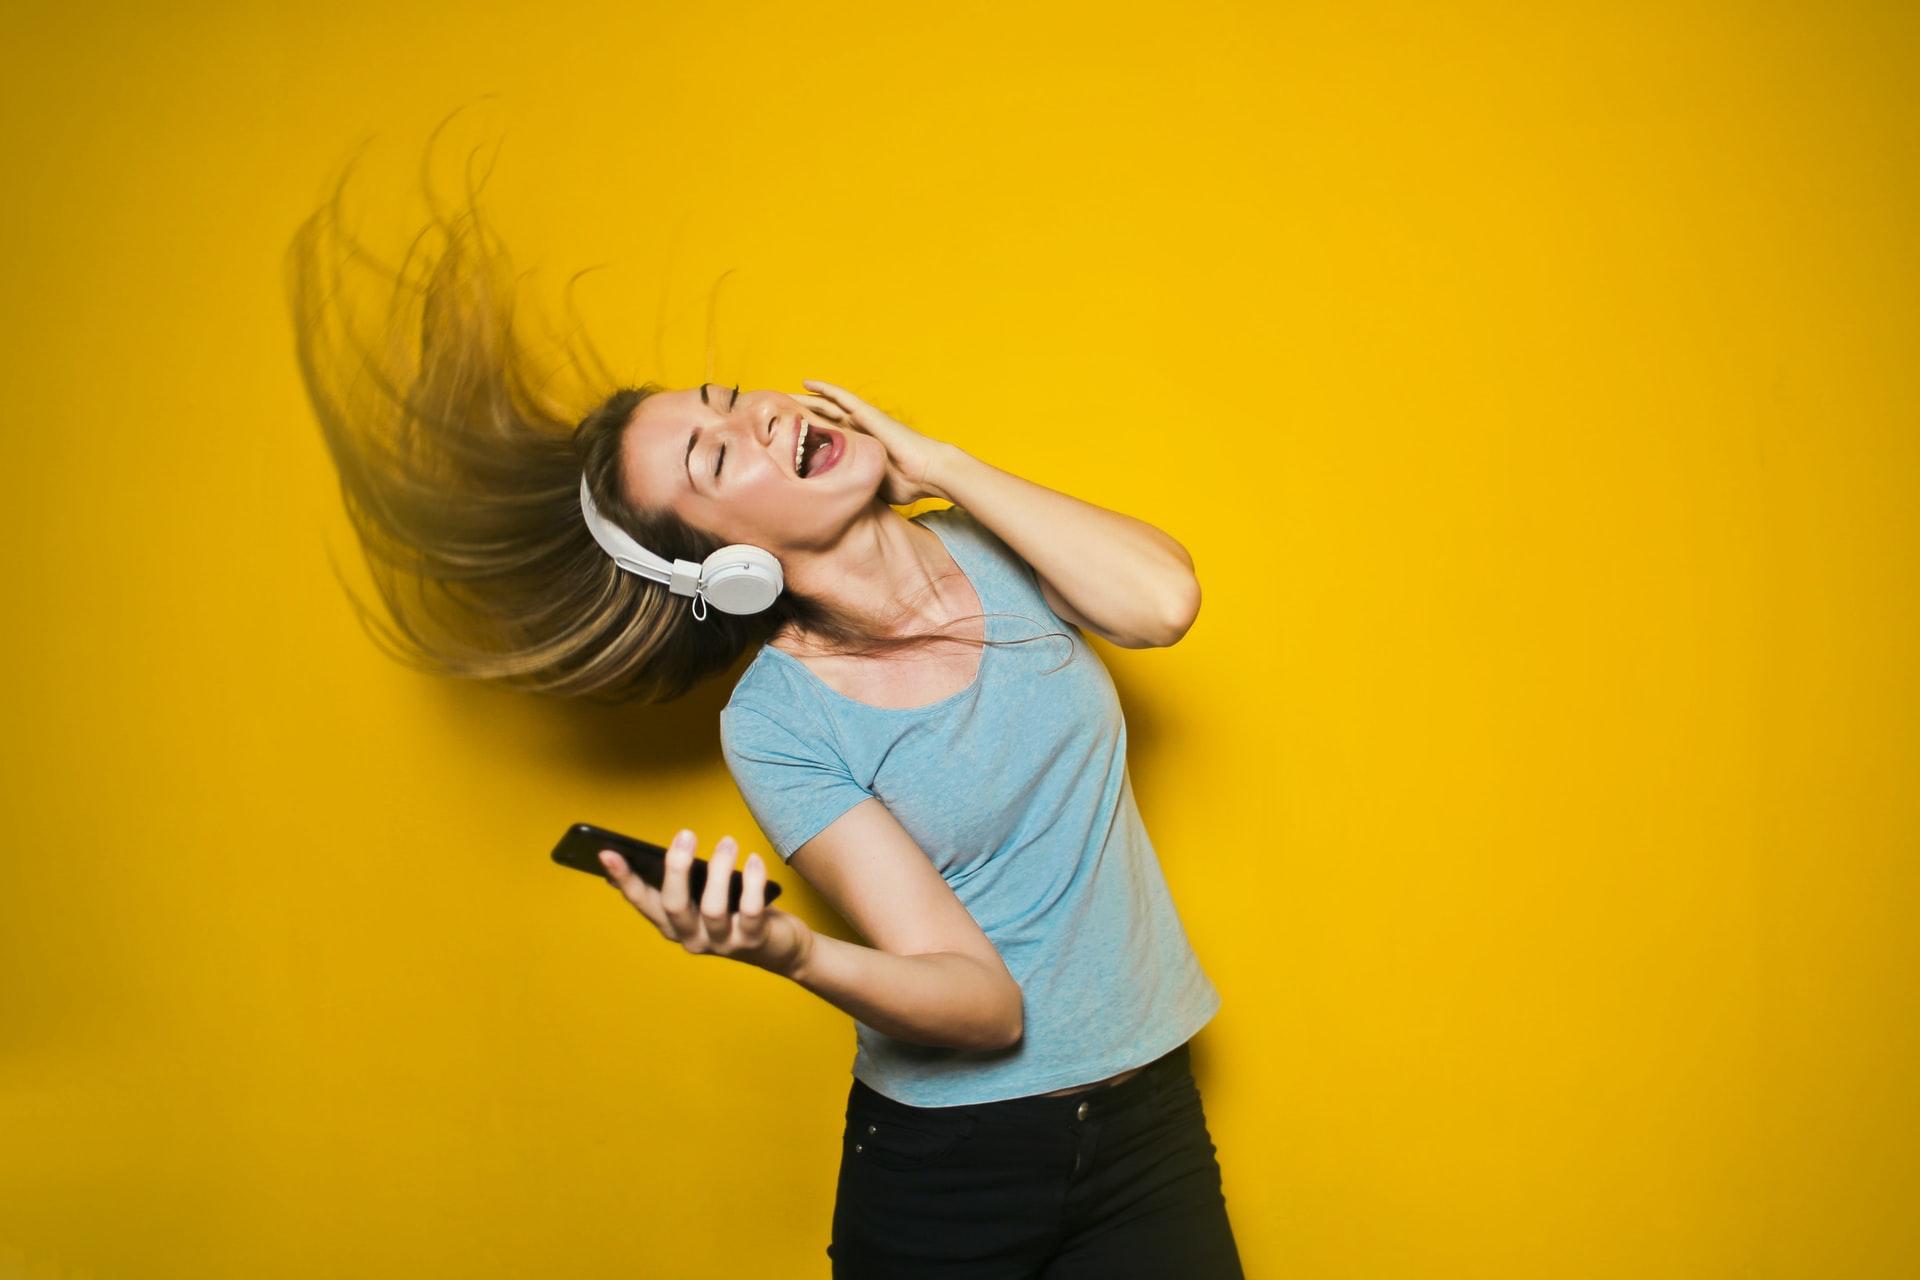 12-idei-simple-care-te-ajută-să-transformi-curățenia-dintr-o-corvoadă-într-o-distracție_femeie-care-asculta-muzica-la-casti